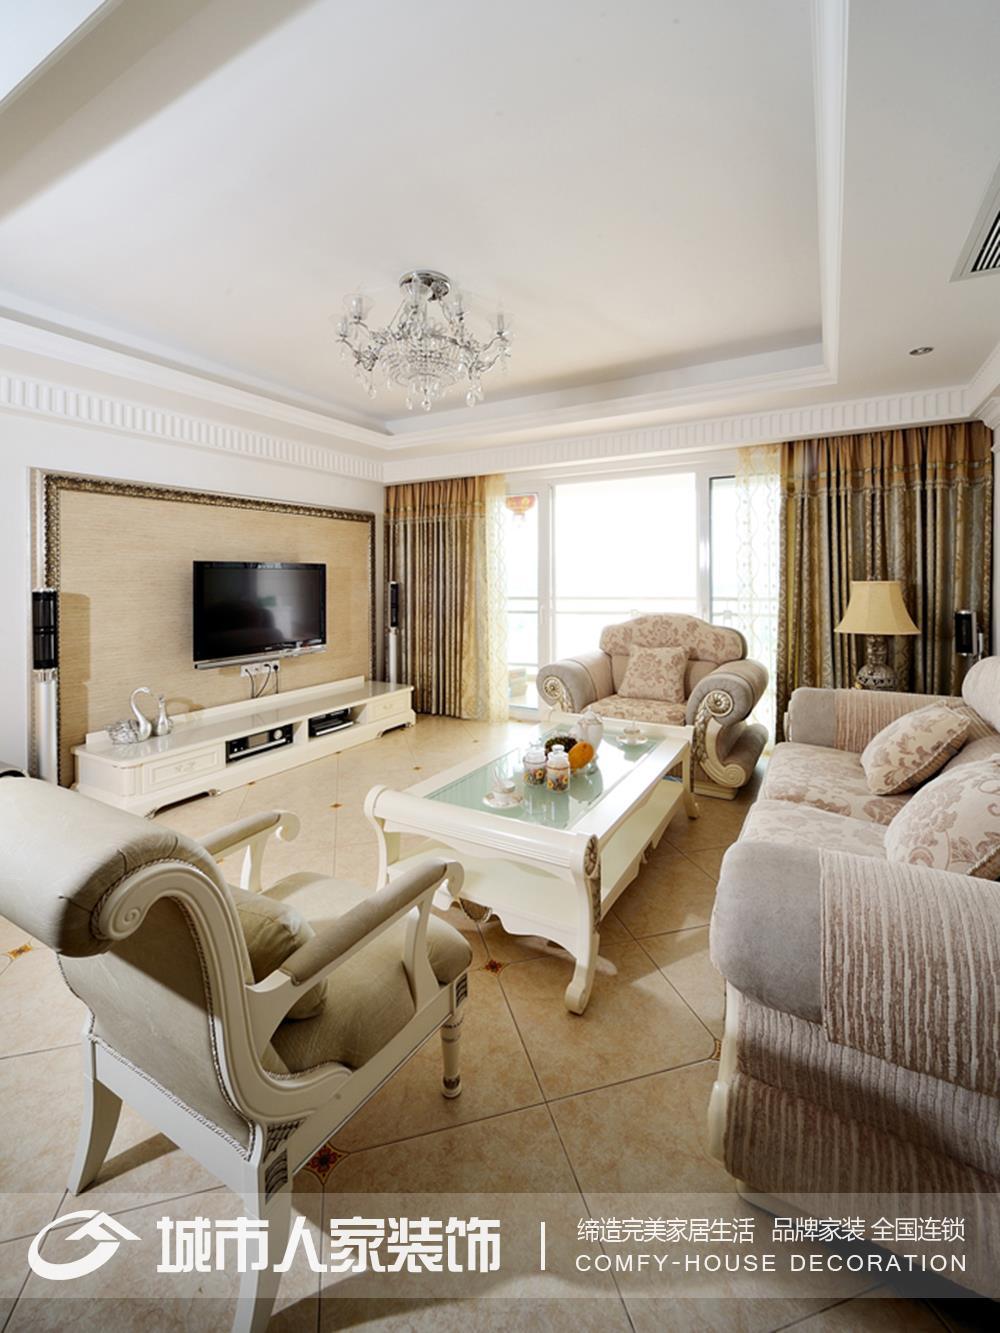 简欧式风格100平米二居室客厅装修效果图装修效果图